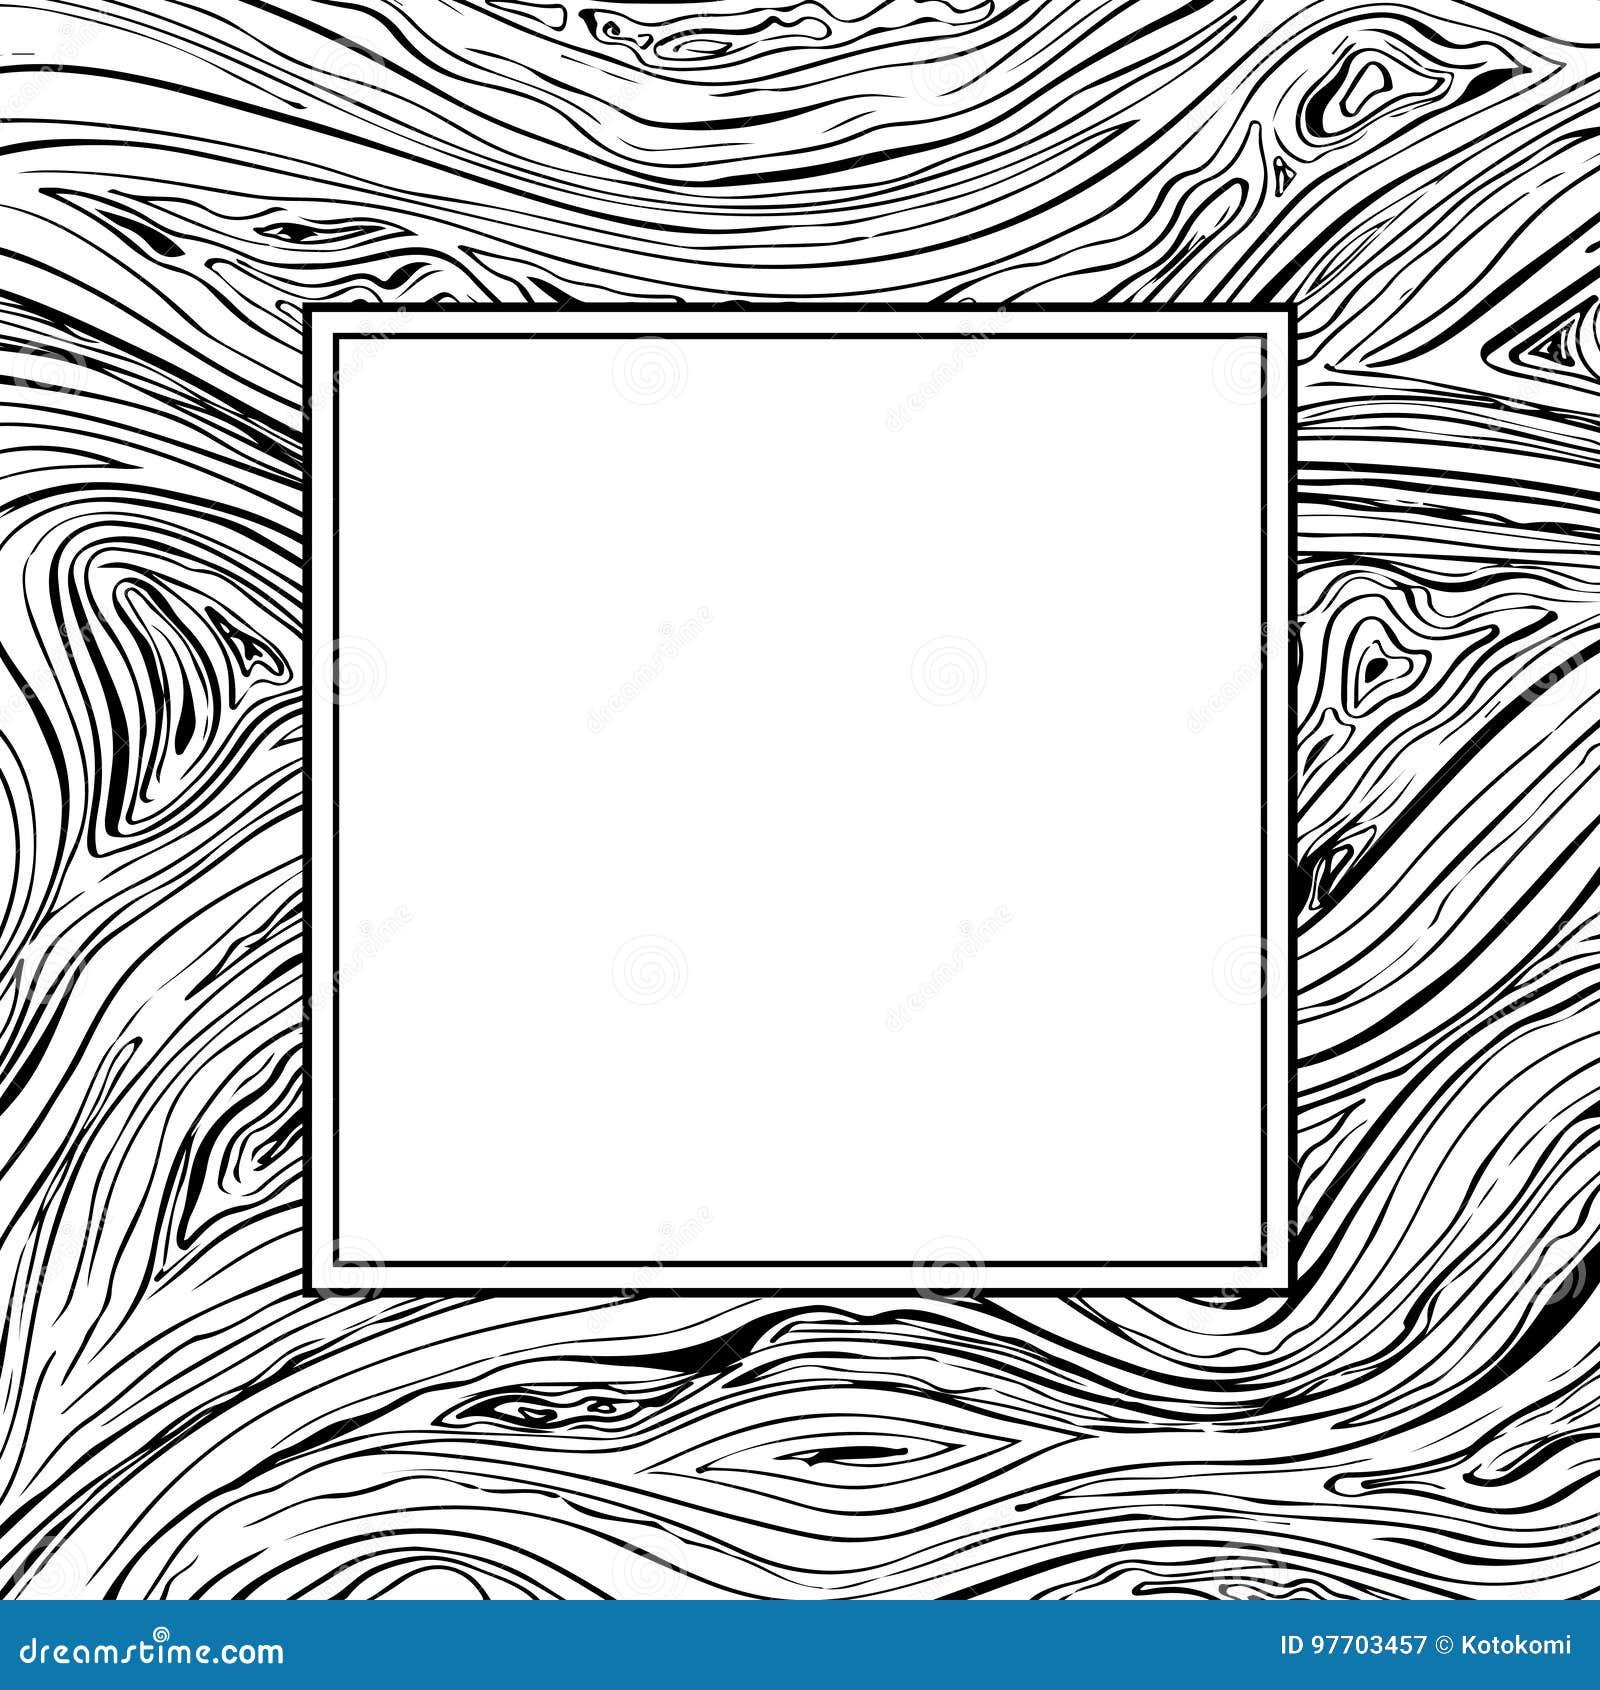 download copyscape